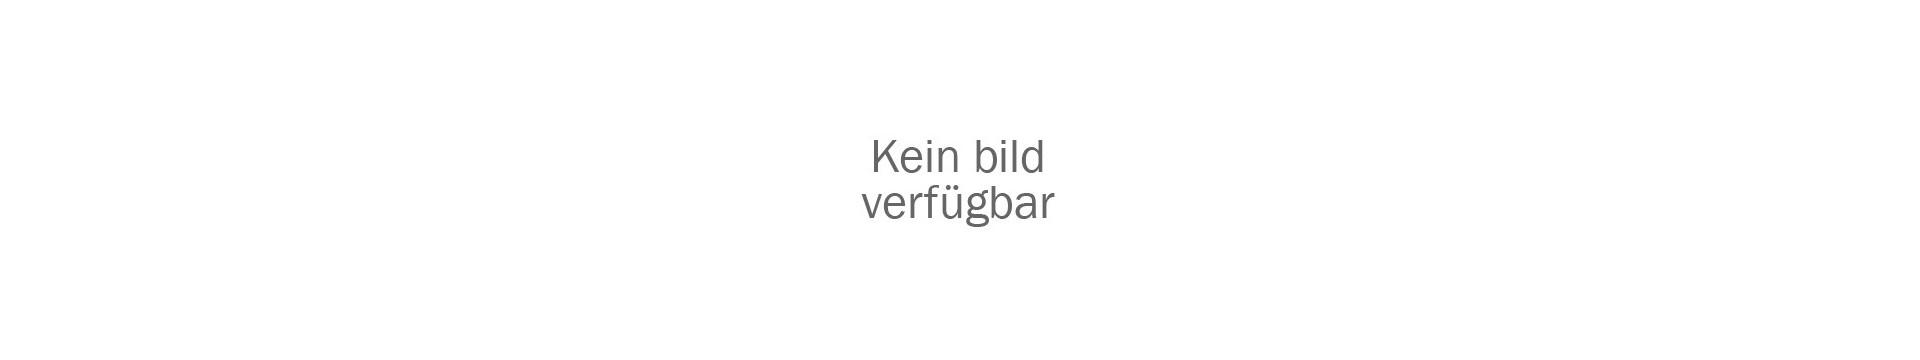 Limited Editionen / CD Sonderpressungen